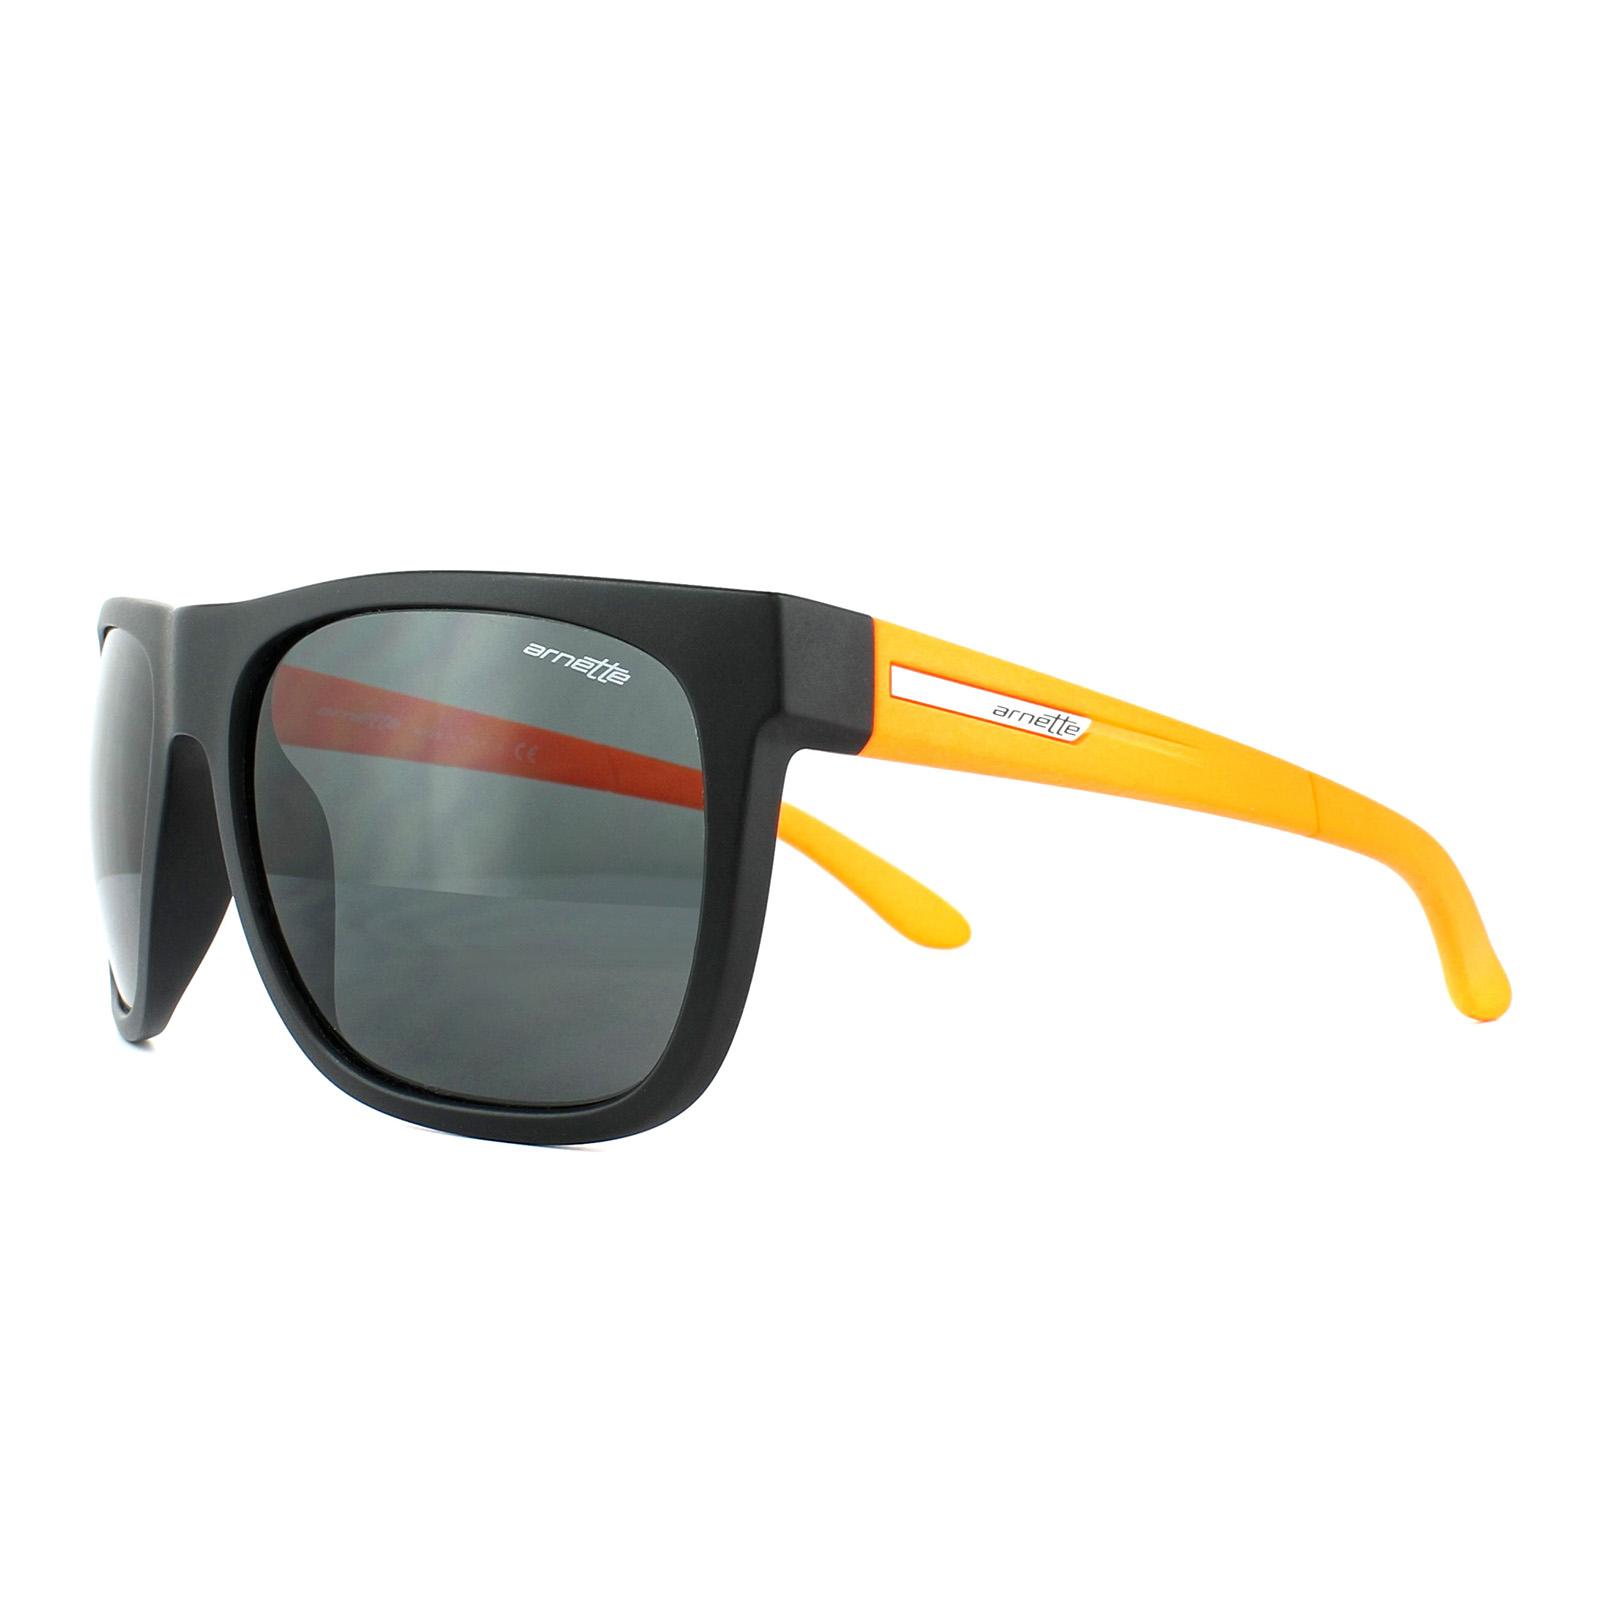 769241818a Sentinel Arnette Sunglasses 4143 Fire Drill 205587 Black Orange Grey